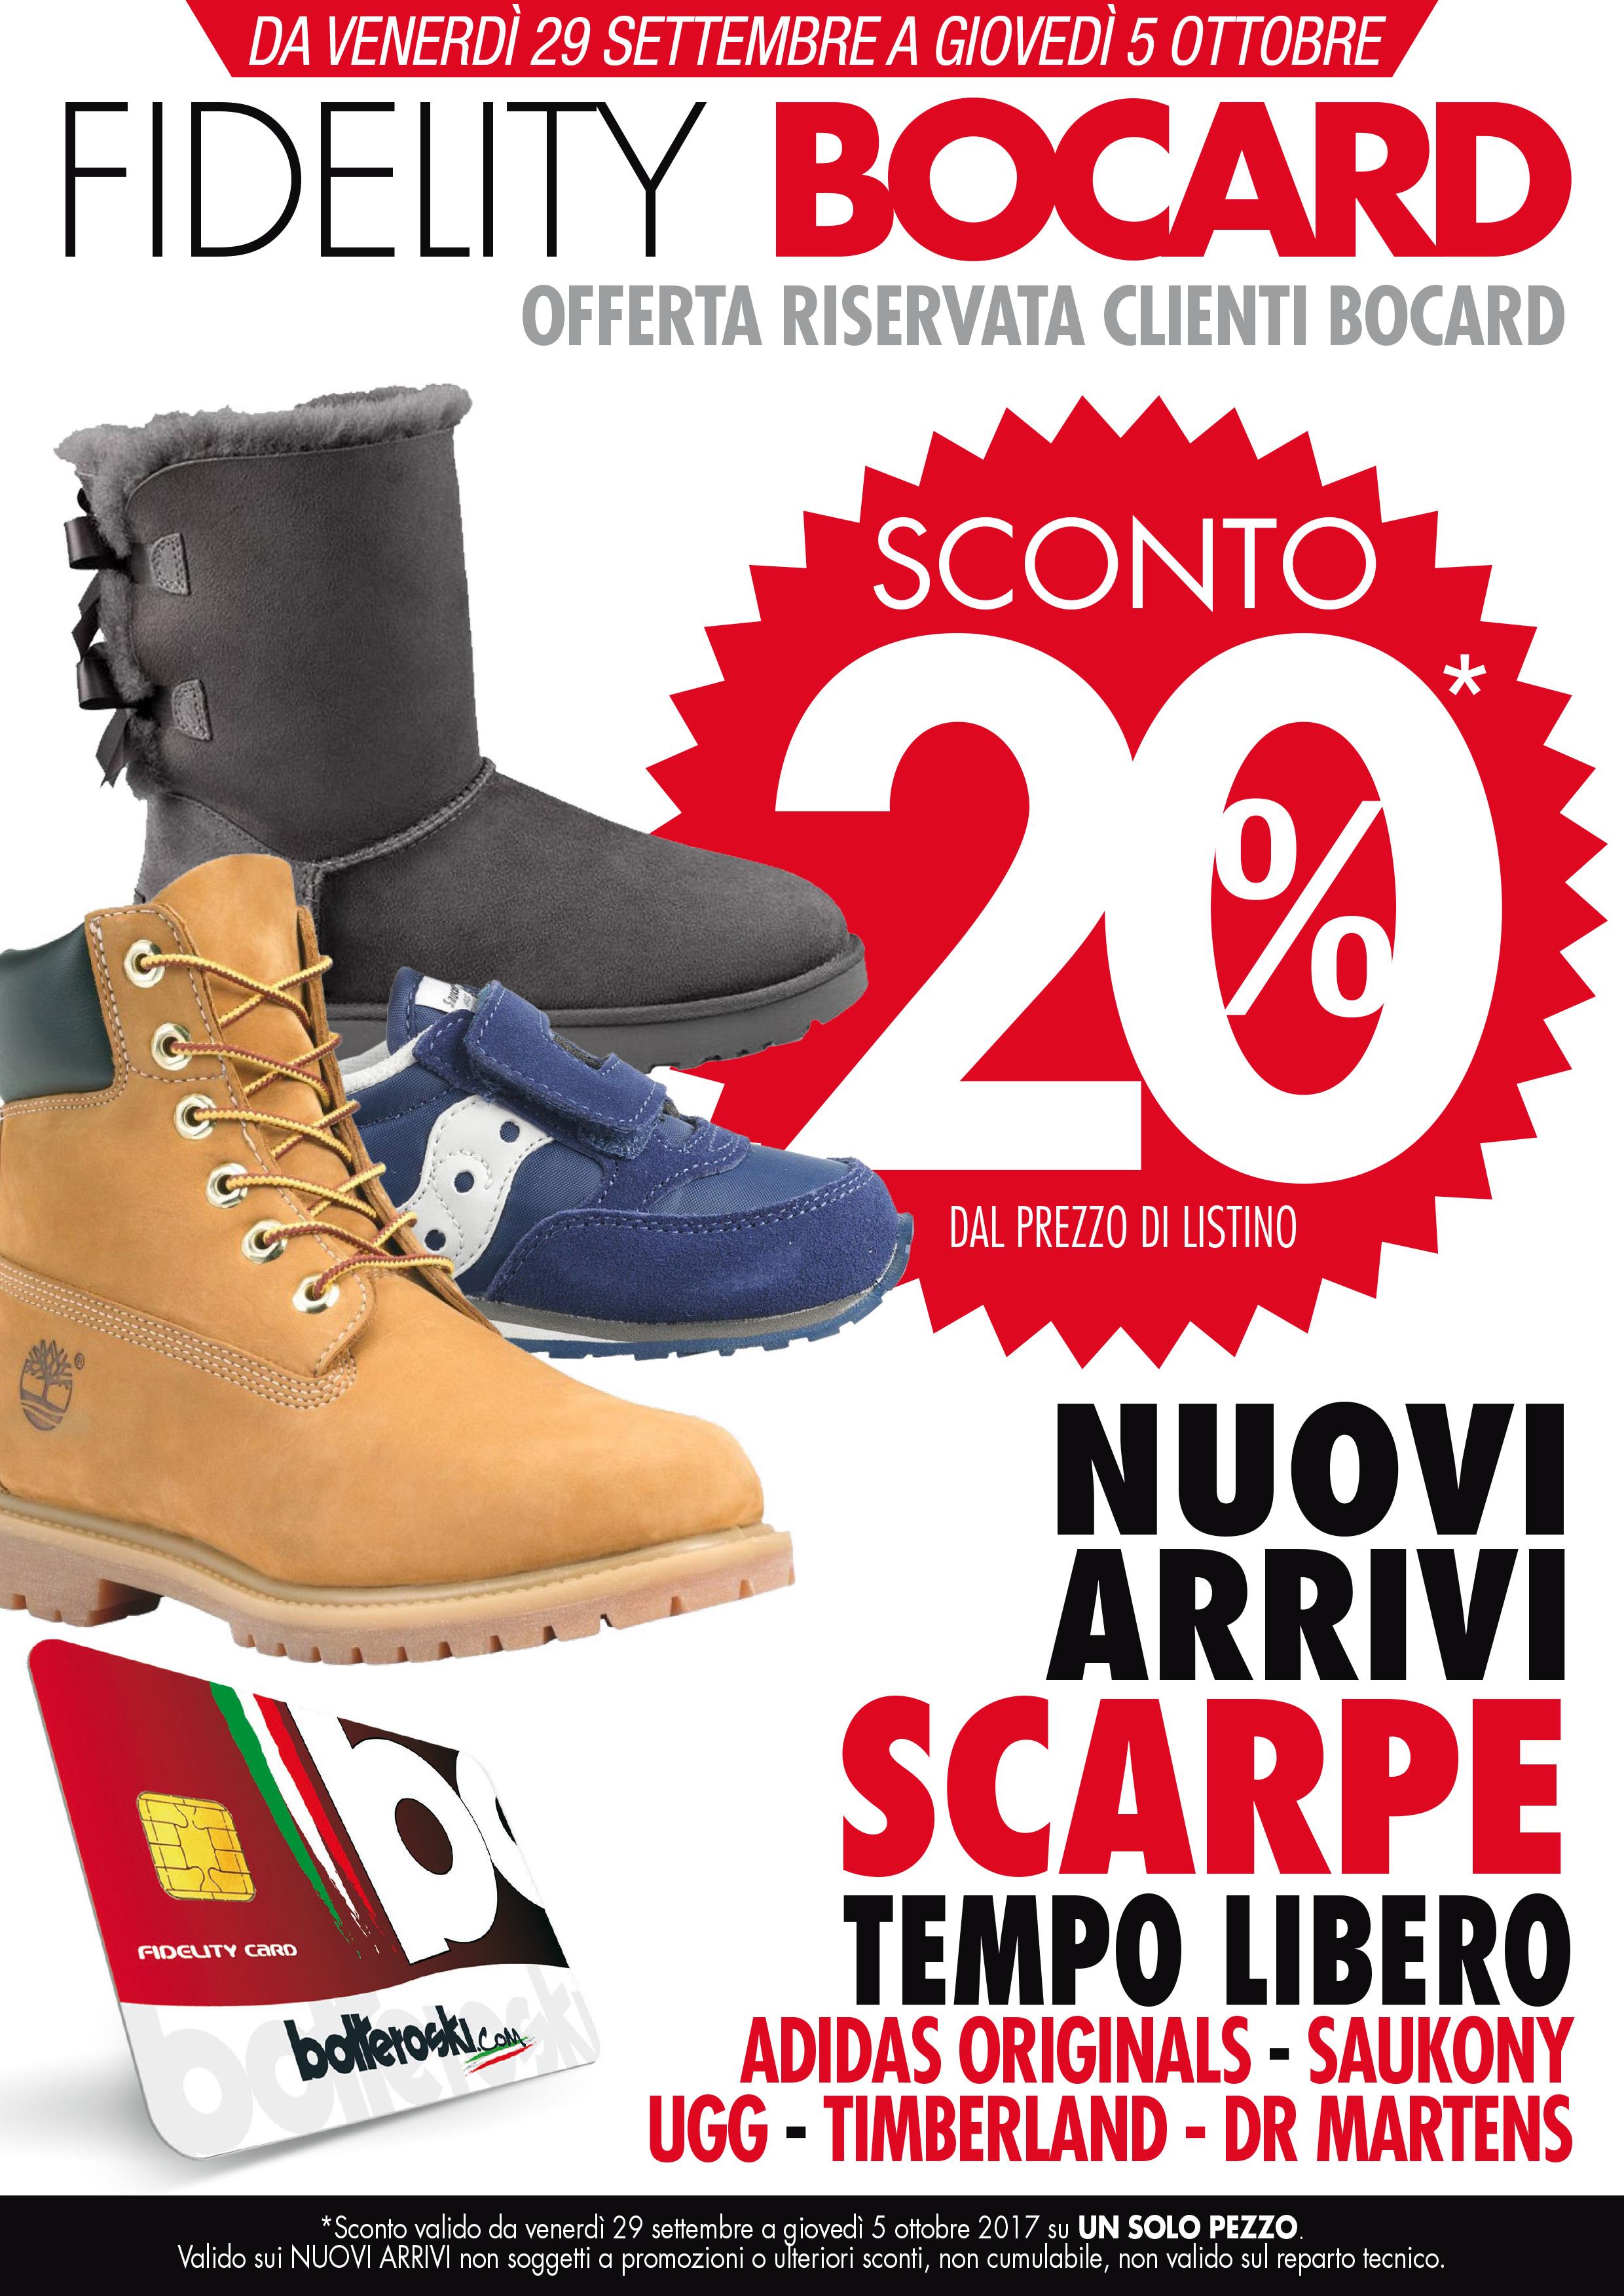 Nuovi arrivi scarpe tempo libero: approfitta dello sconto del 20%